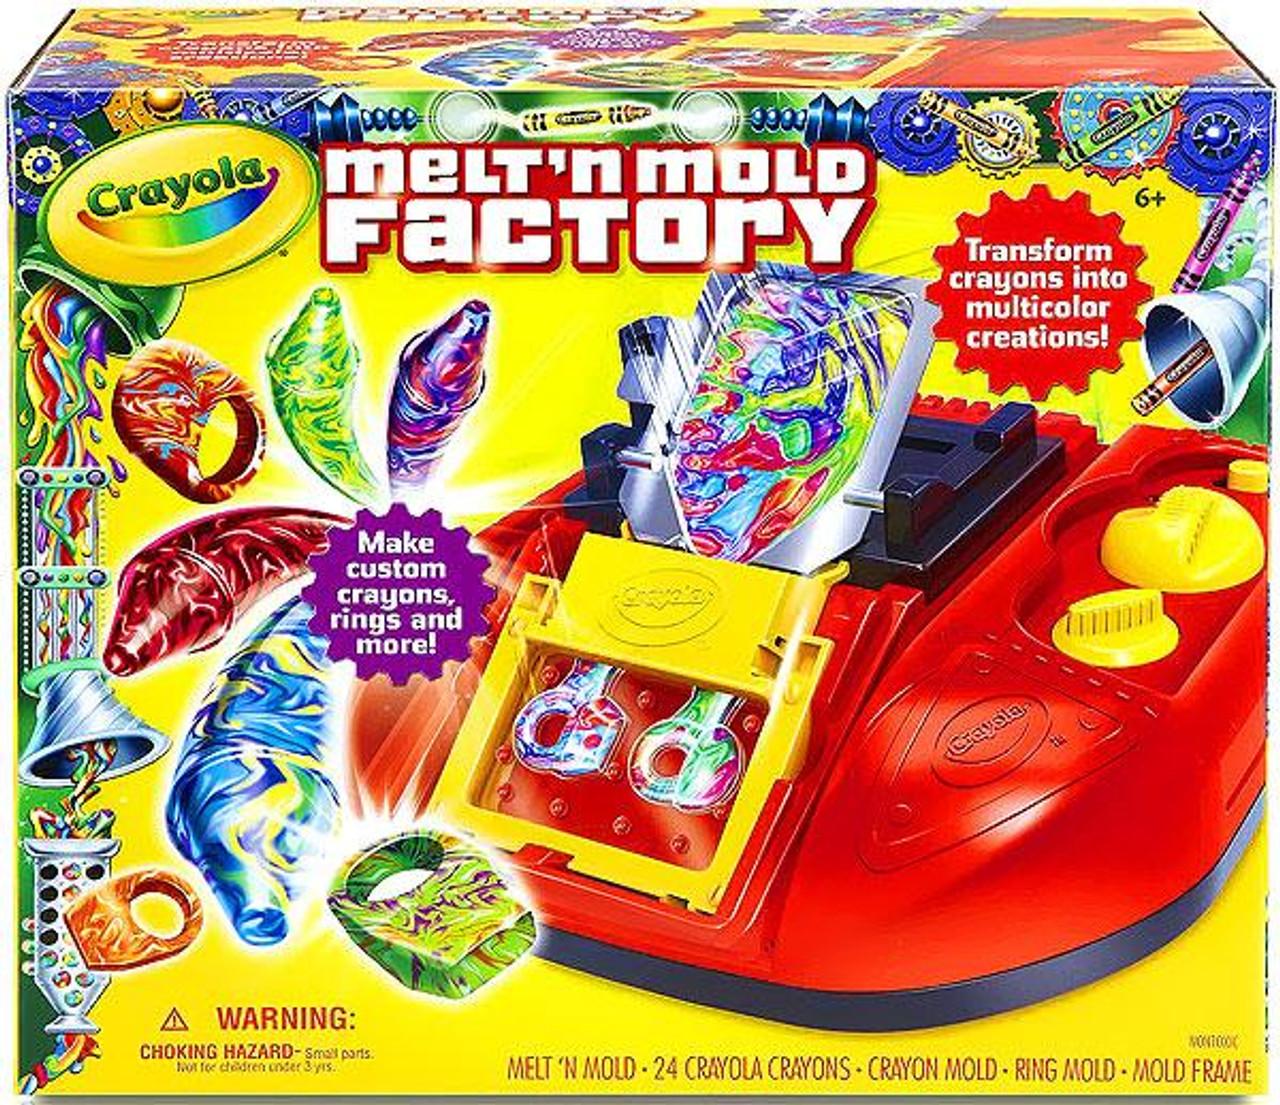 Crayola Melt 'N Mold Factory Activity Set